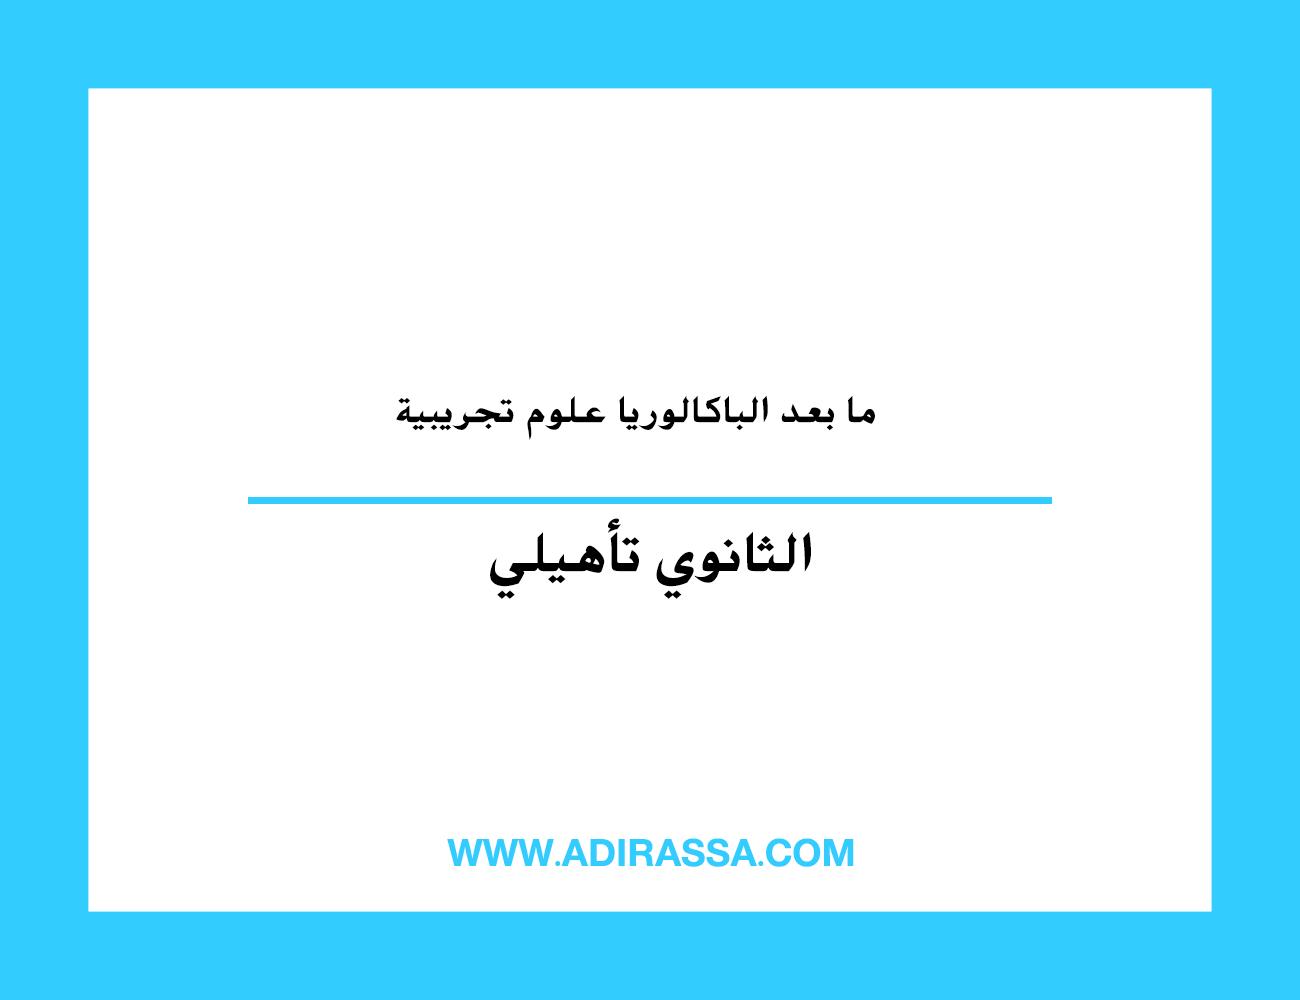 ما بعد الباكالوريا علوم تجريبية حسب المؤسسات و التكوينات المتاحة الولوج بالمغرب